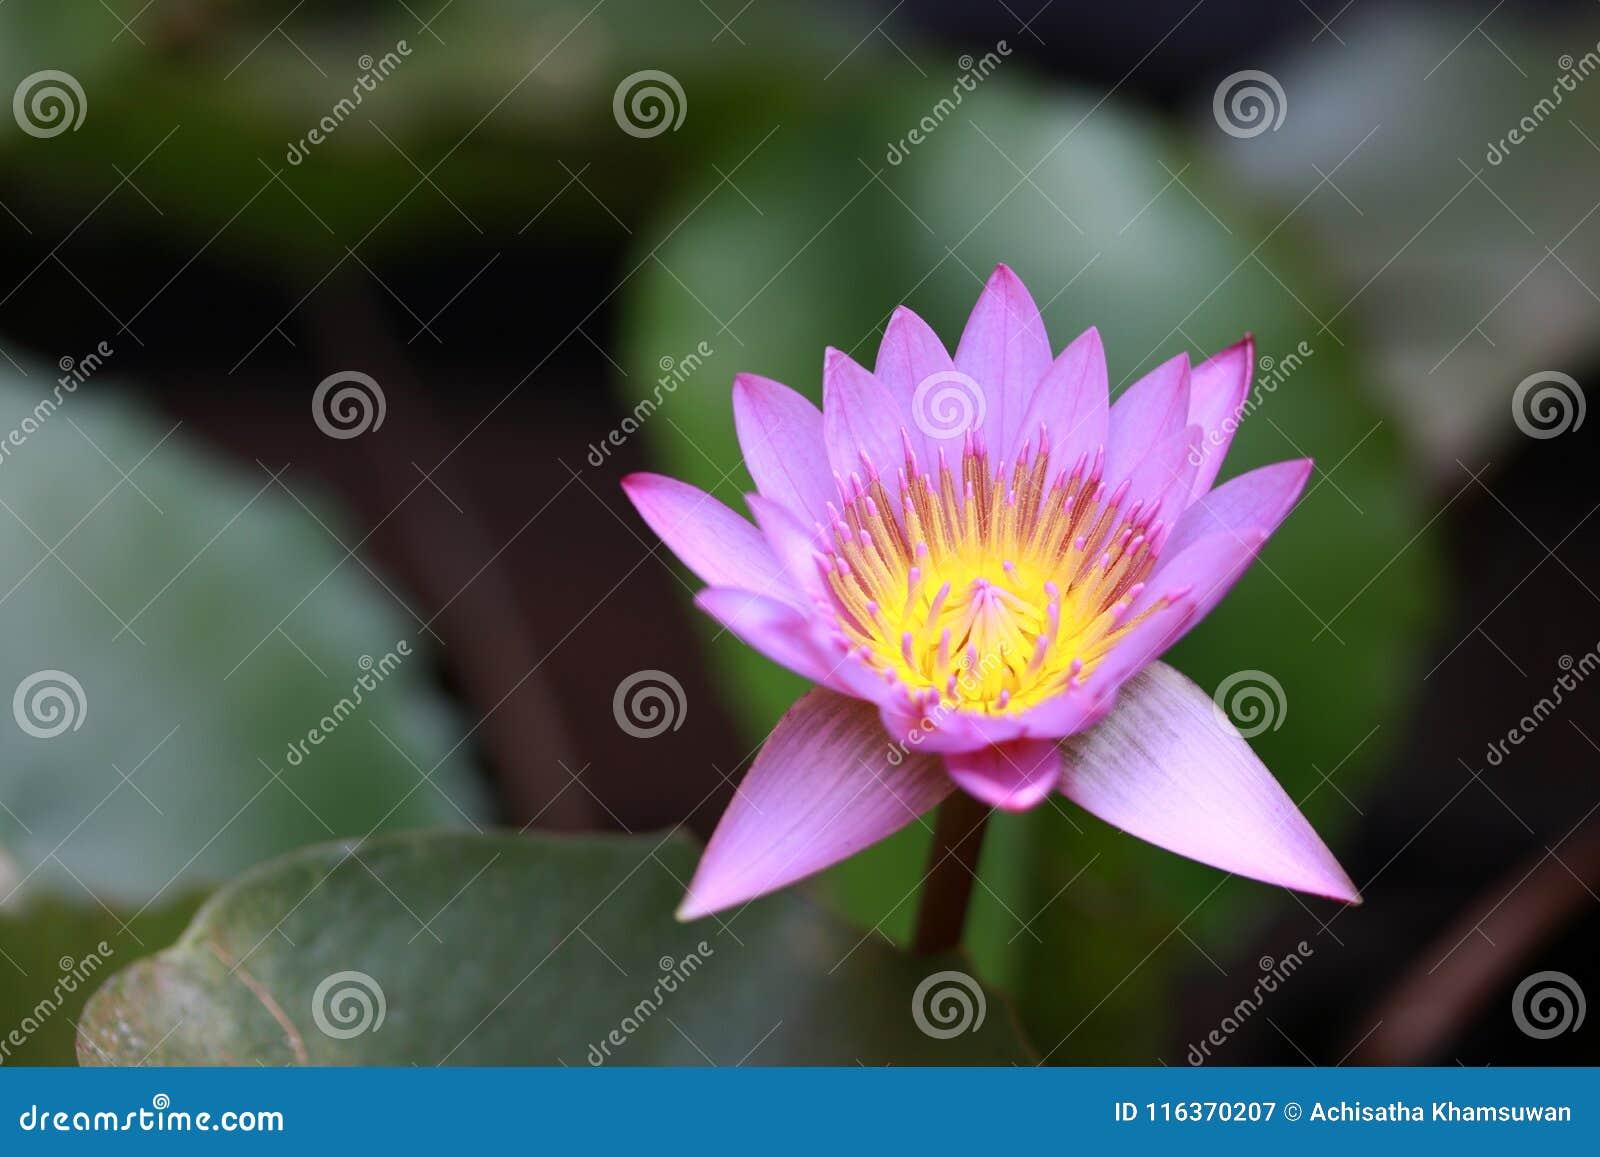 Purpury kwitną lotosowego kwiatu z żółtym pollen i out skupiają się lotosowych liście